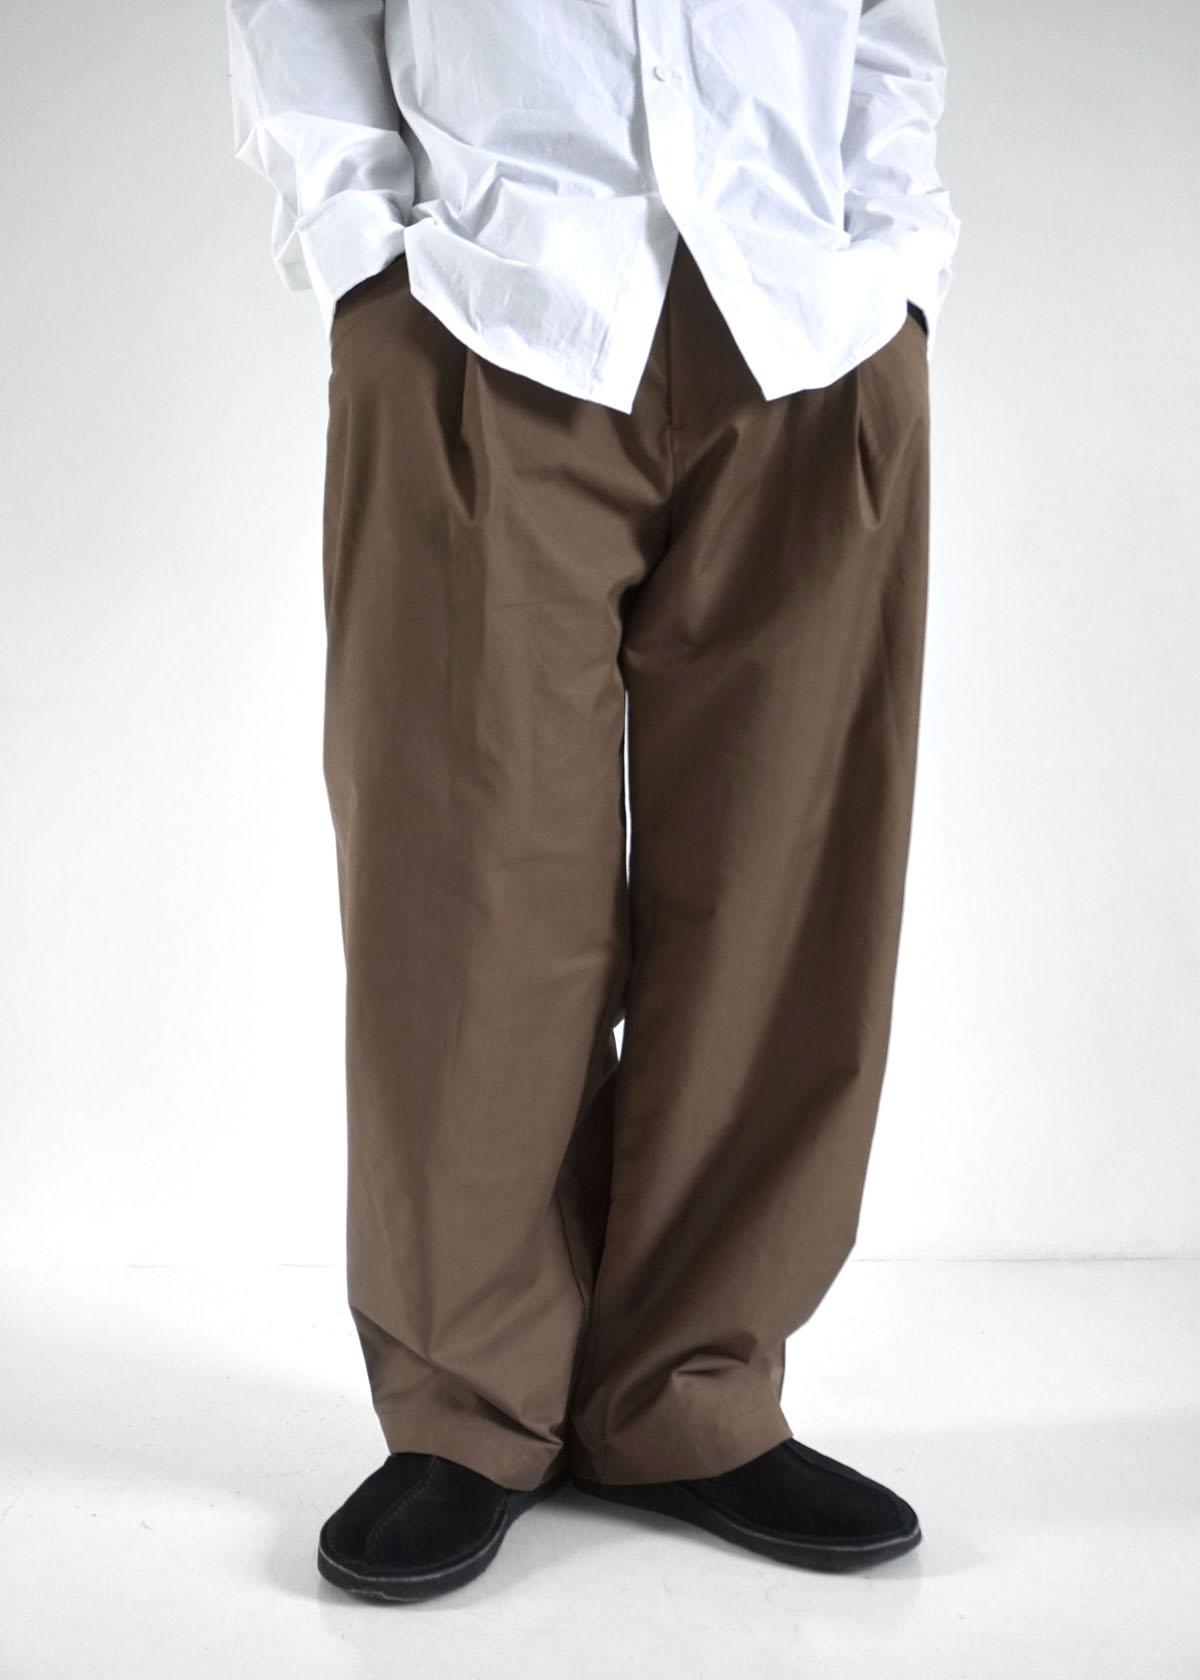 Buckle One Tuck Wide Pants (Mocha)